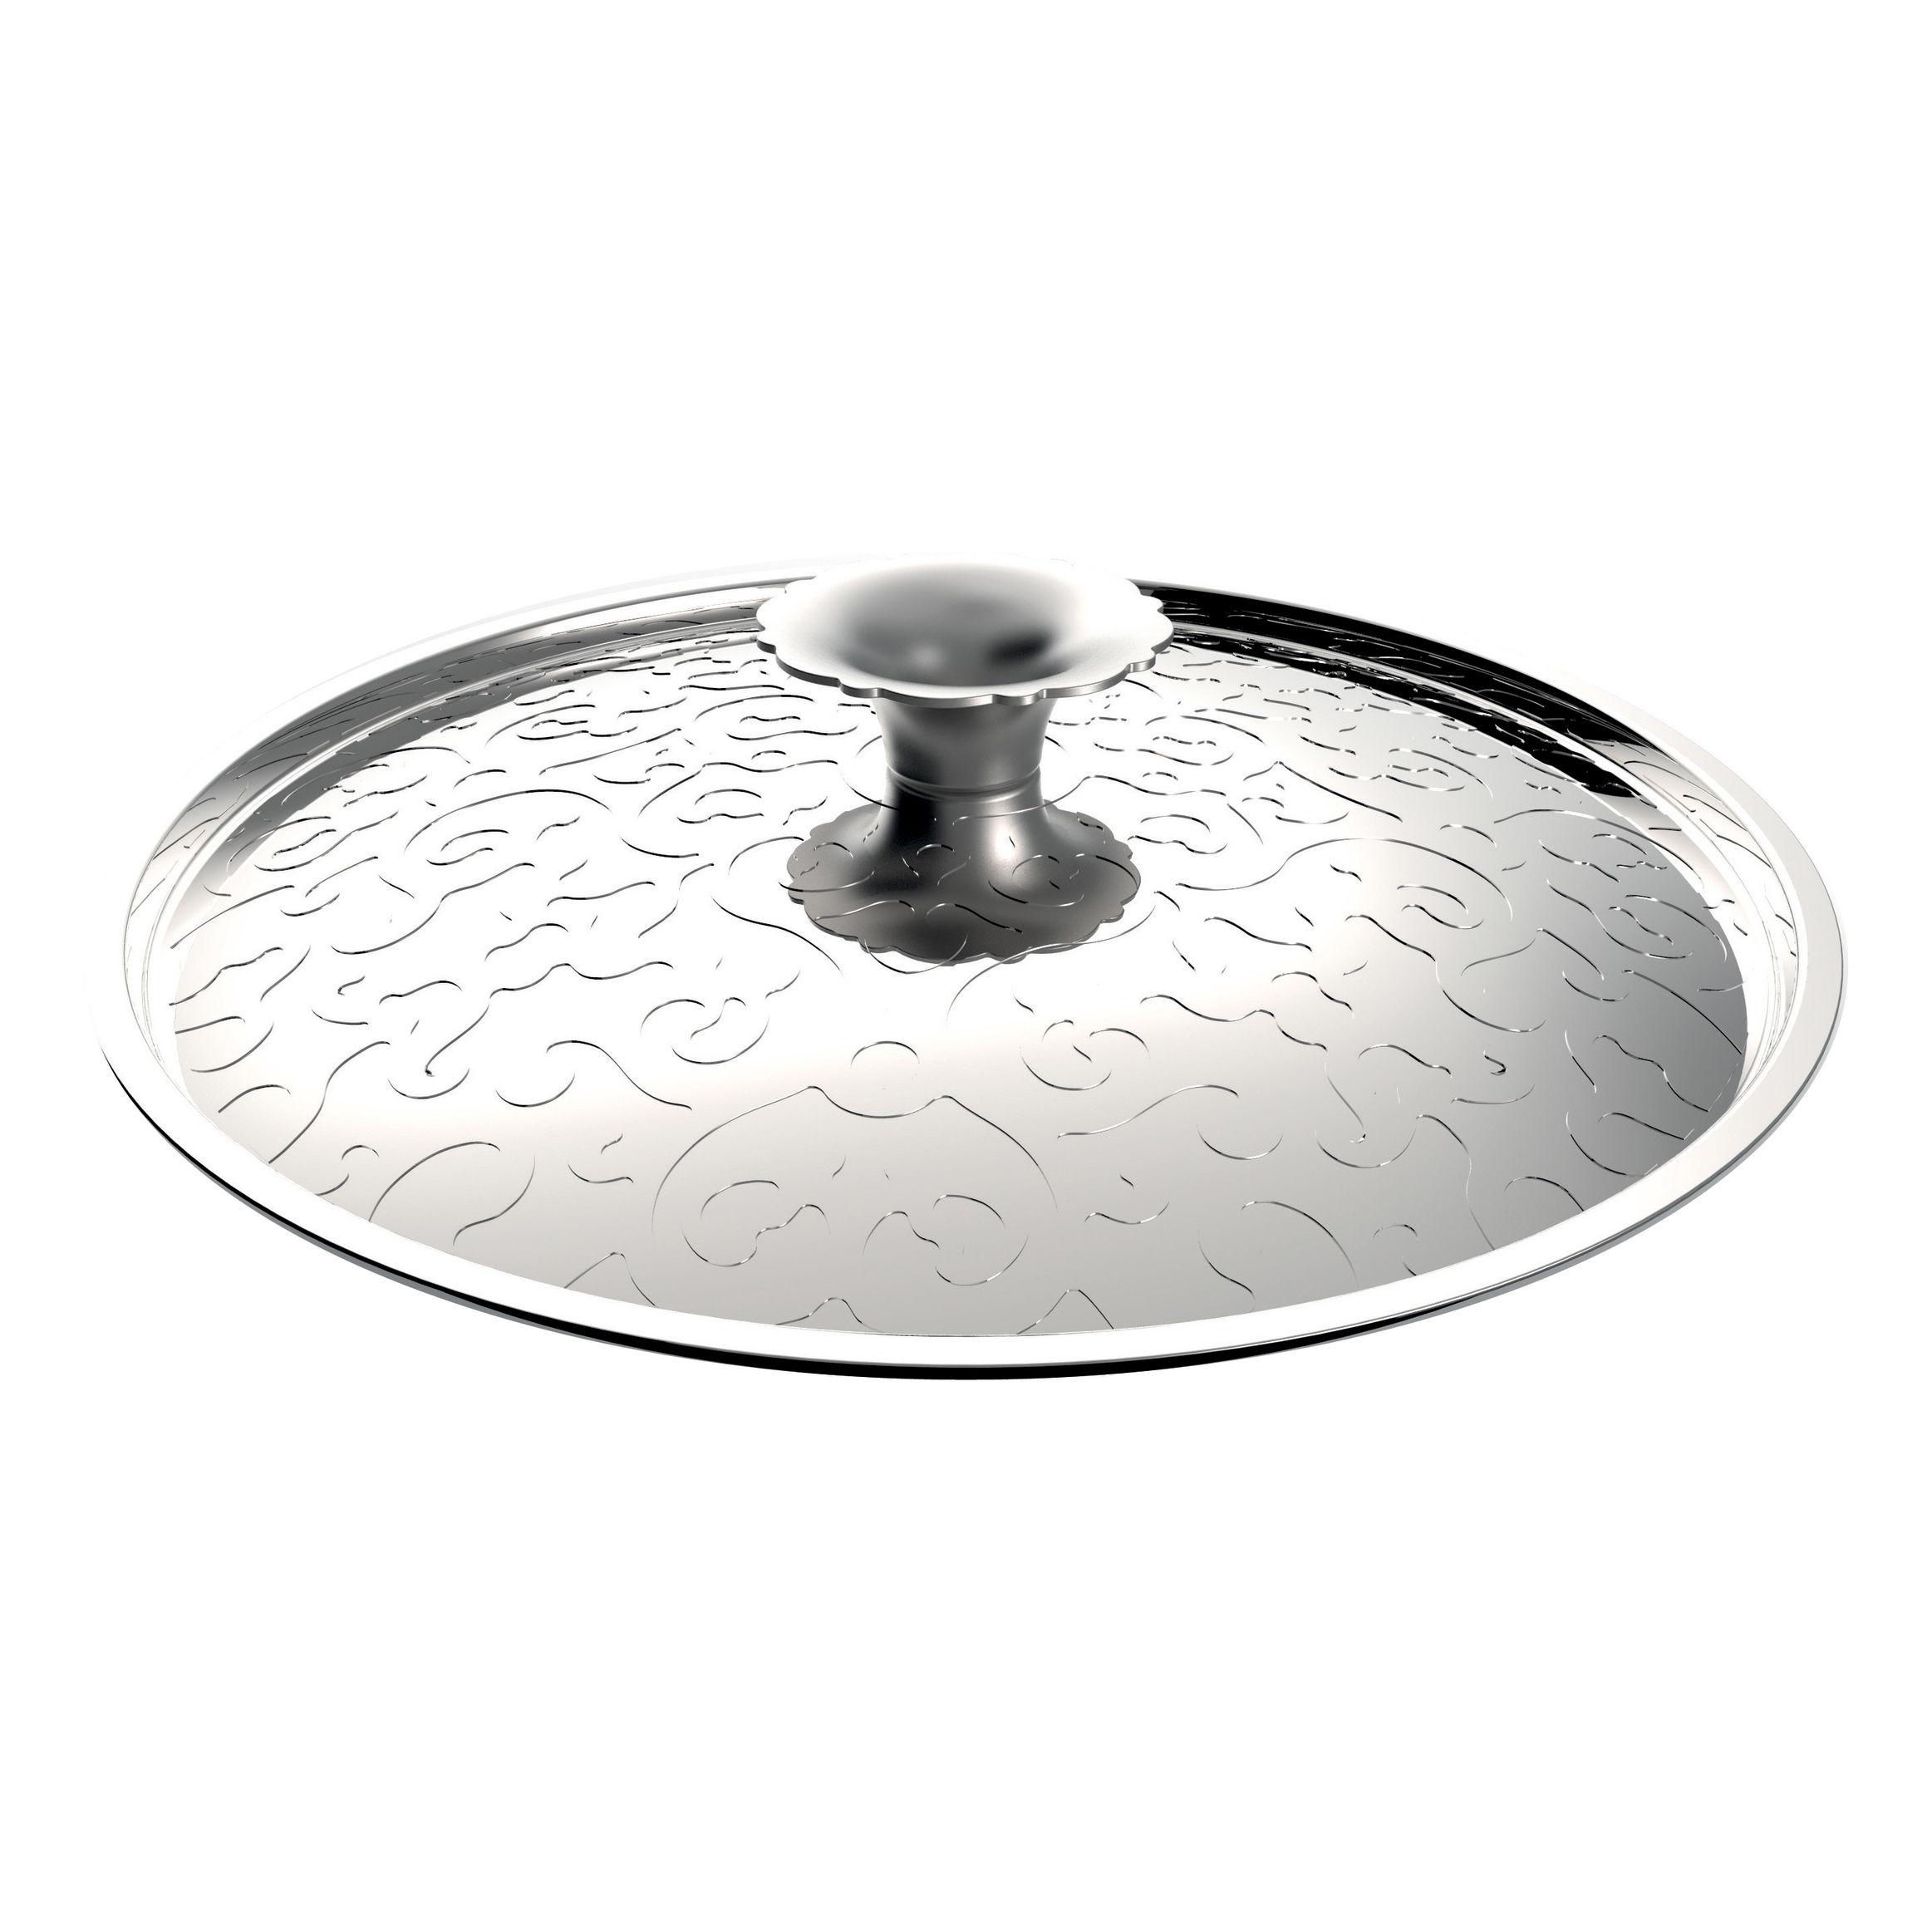 Cuisine - Casseroles, poêles, plats... - Couvercle Dressed / Ø 20 cm - Alessi - Acier inoxydable - Acier